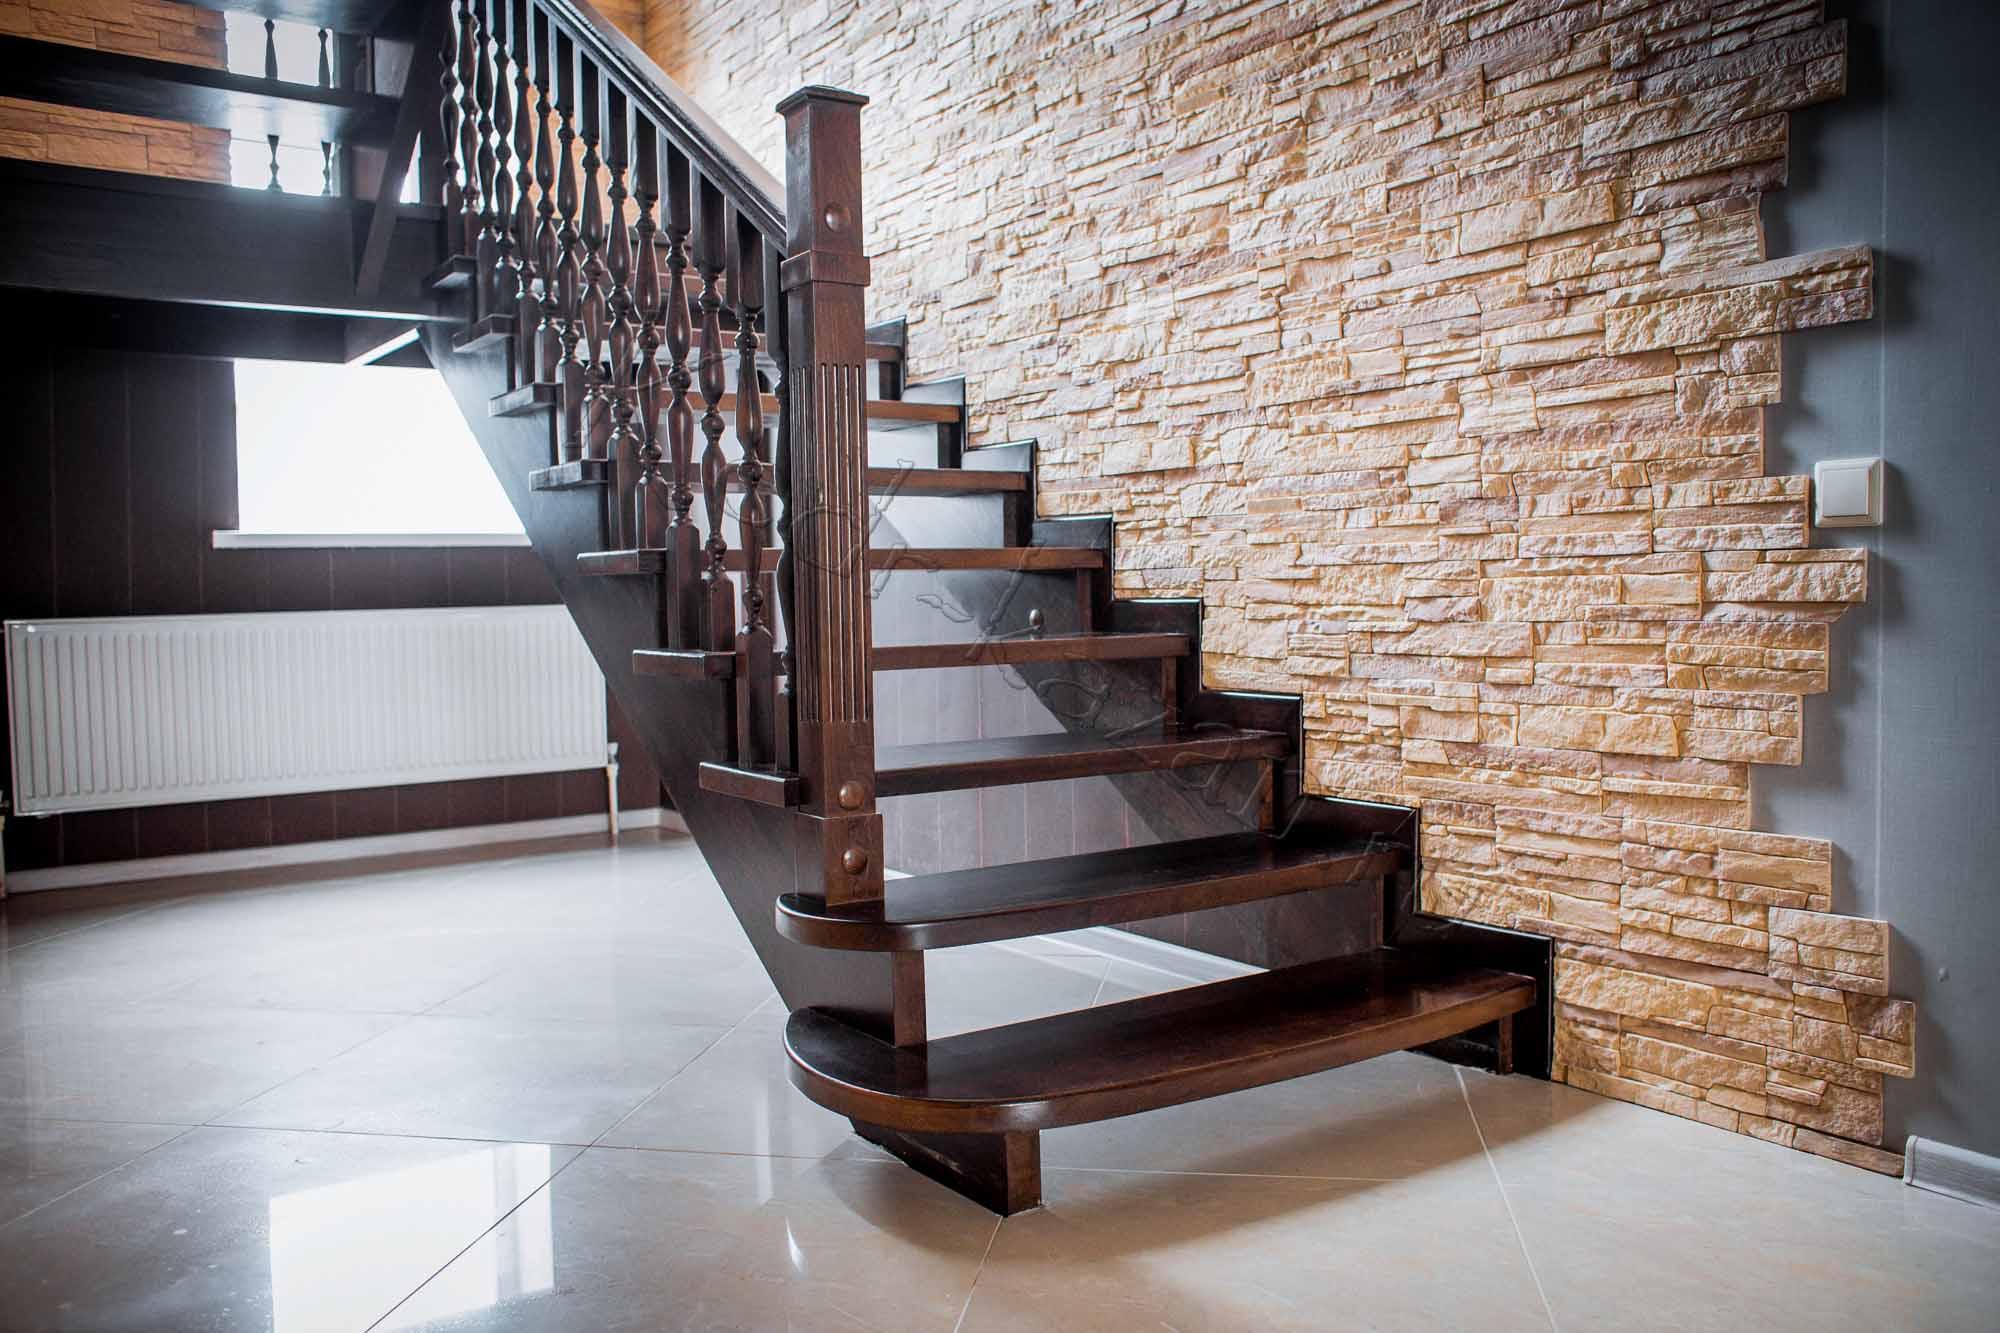 другой стороны, смотреть лестницы в доме фото хоть непривередлива